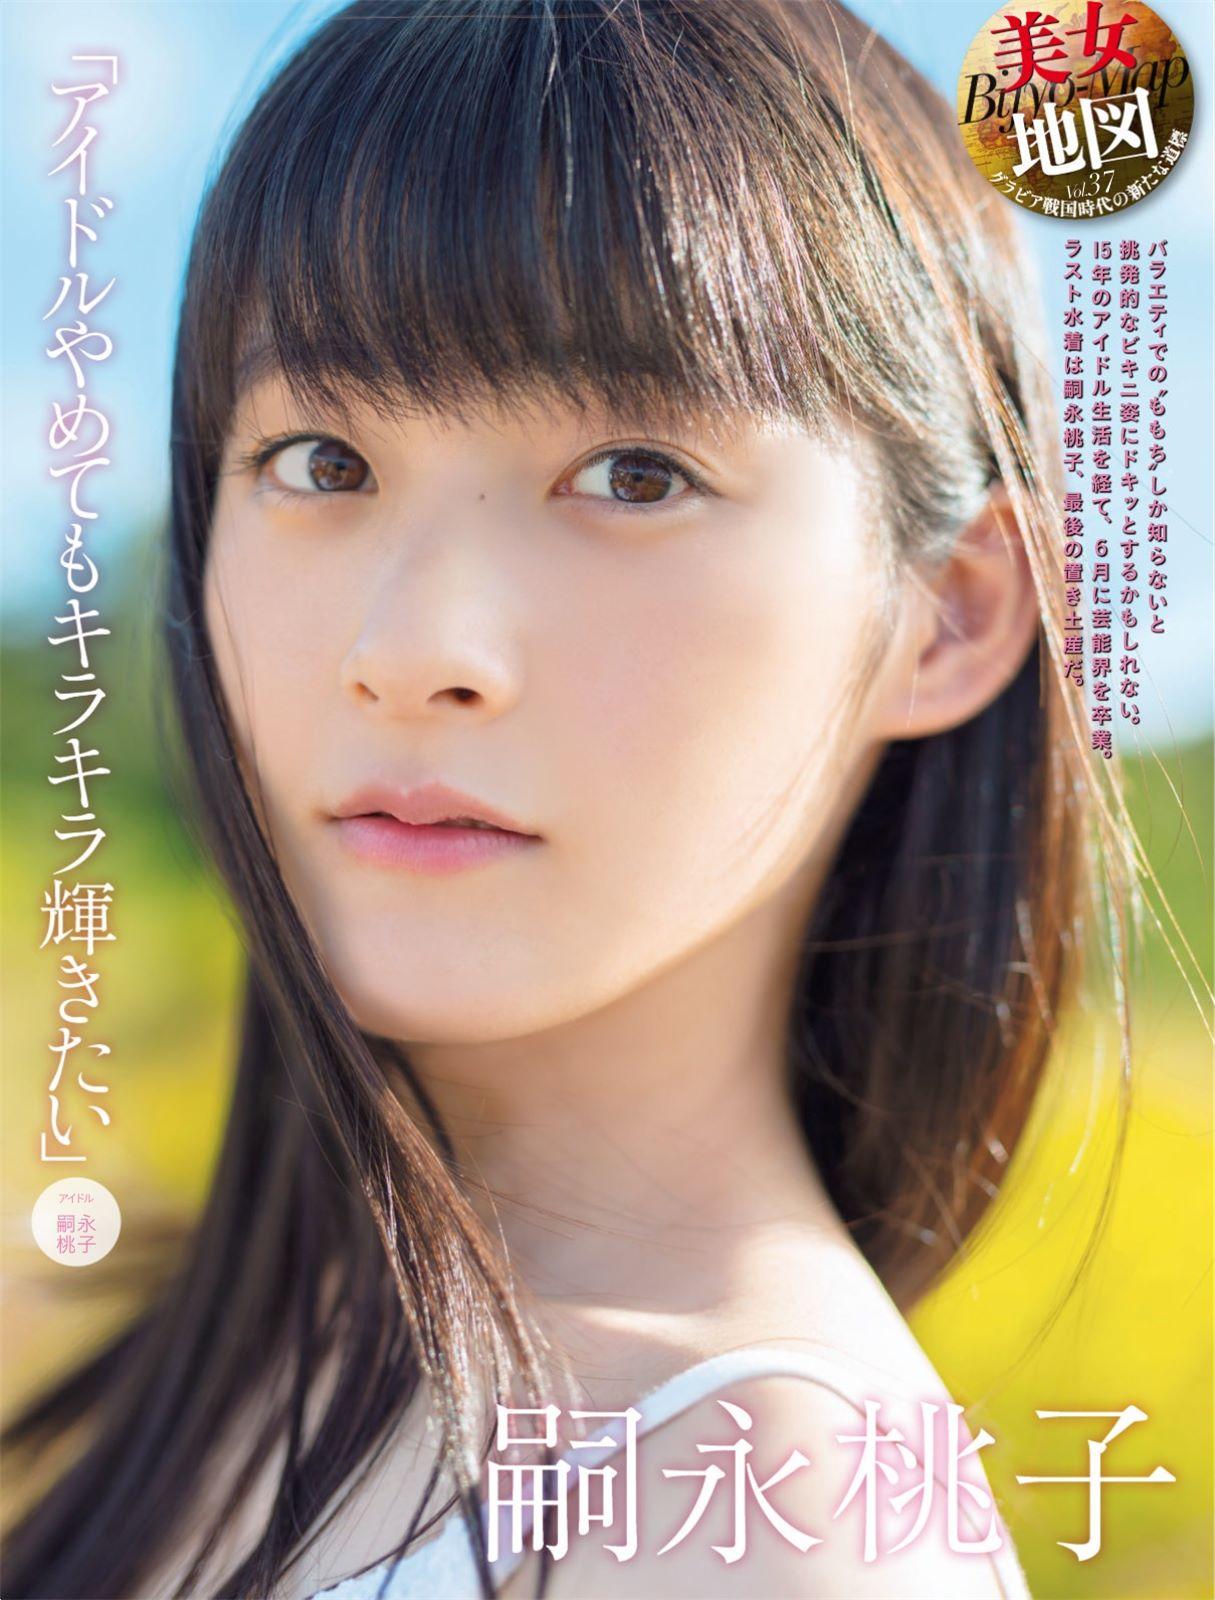 Country Girls (カントリー・ガールズ), Magazine, Tsugunaga Momoko